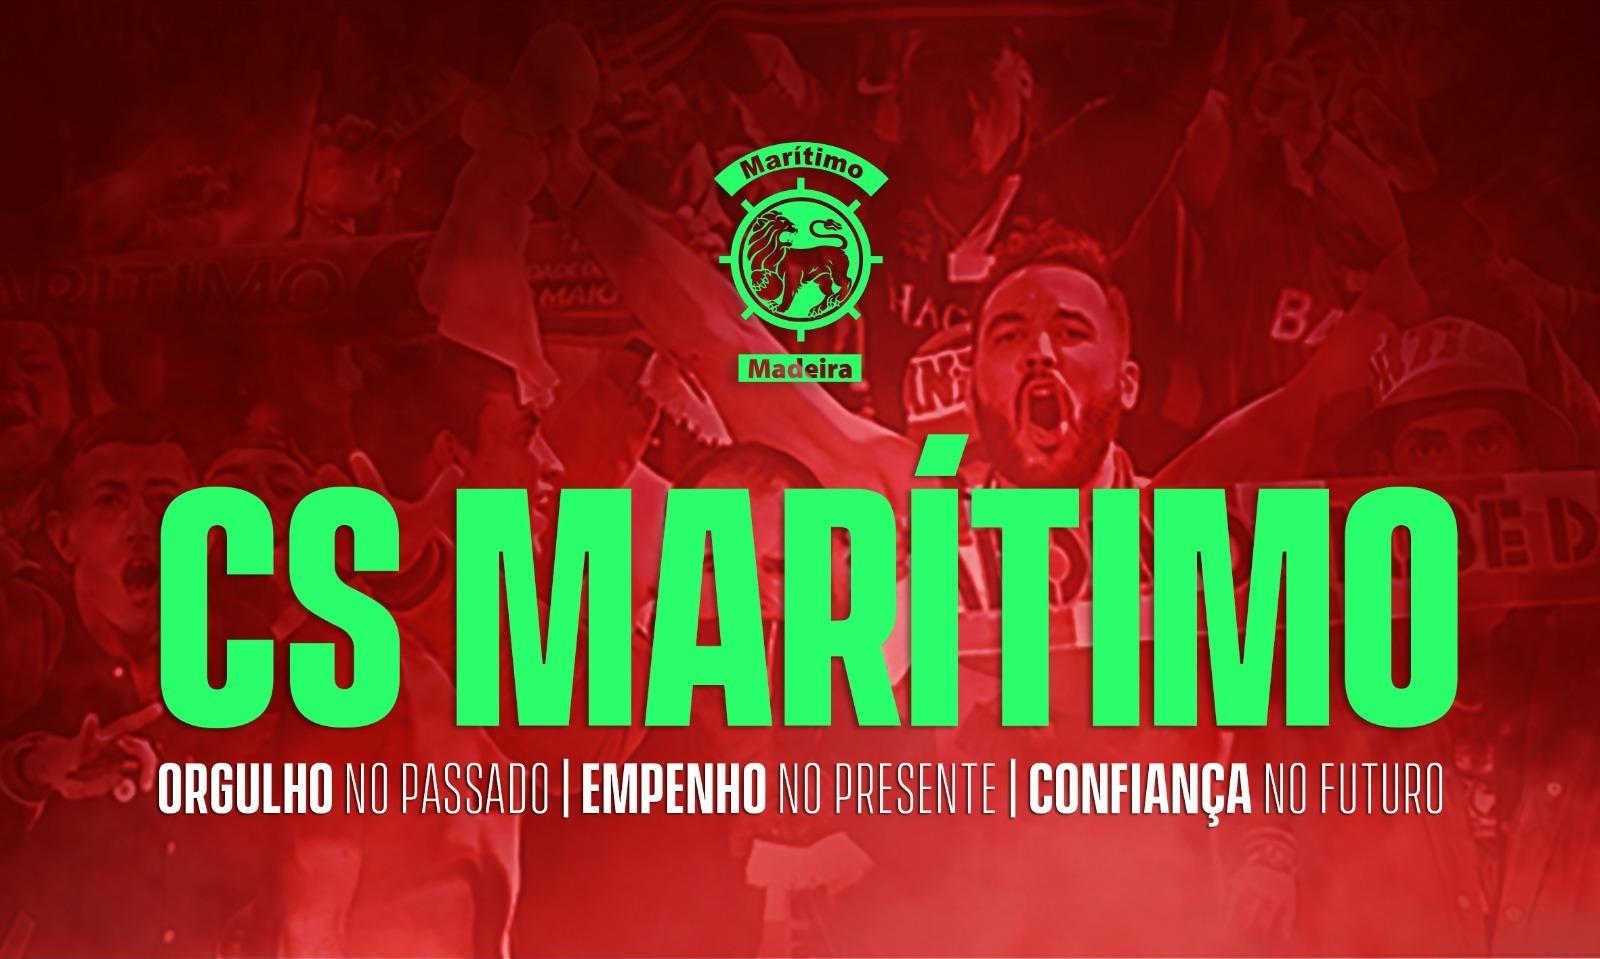 Missão e Valores Club Sport Marítimo